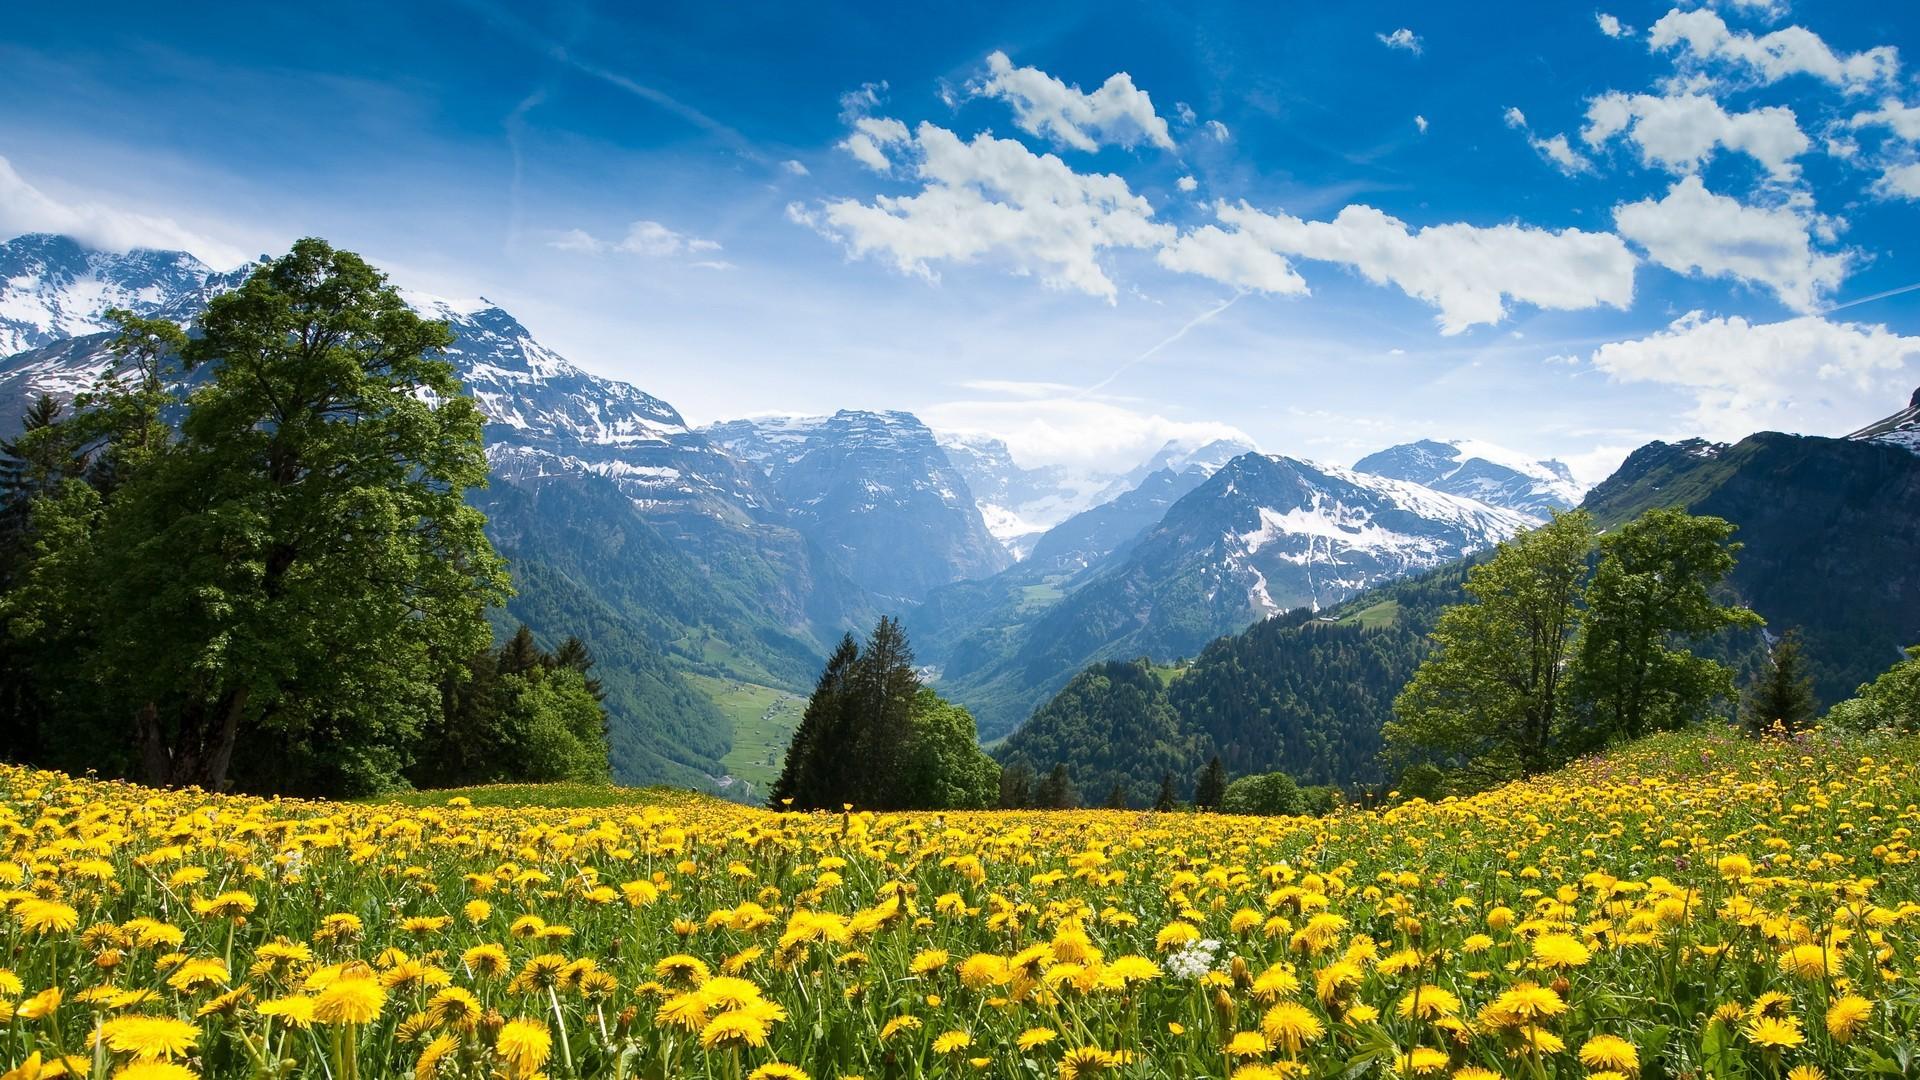 Выходной, самые красивые фото природы